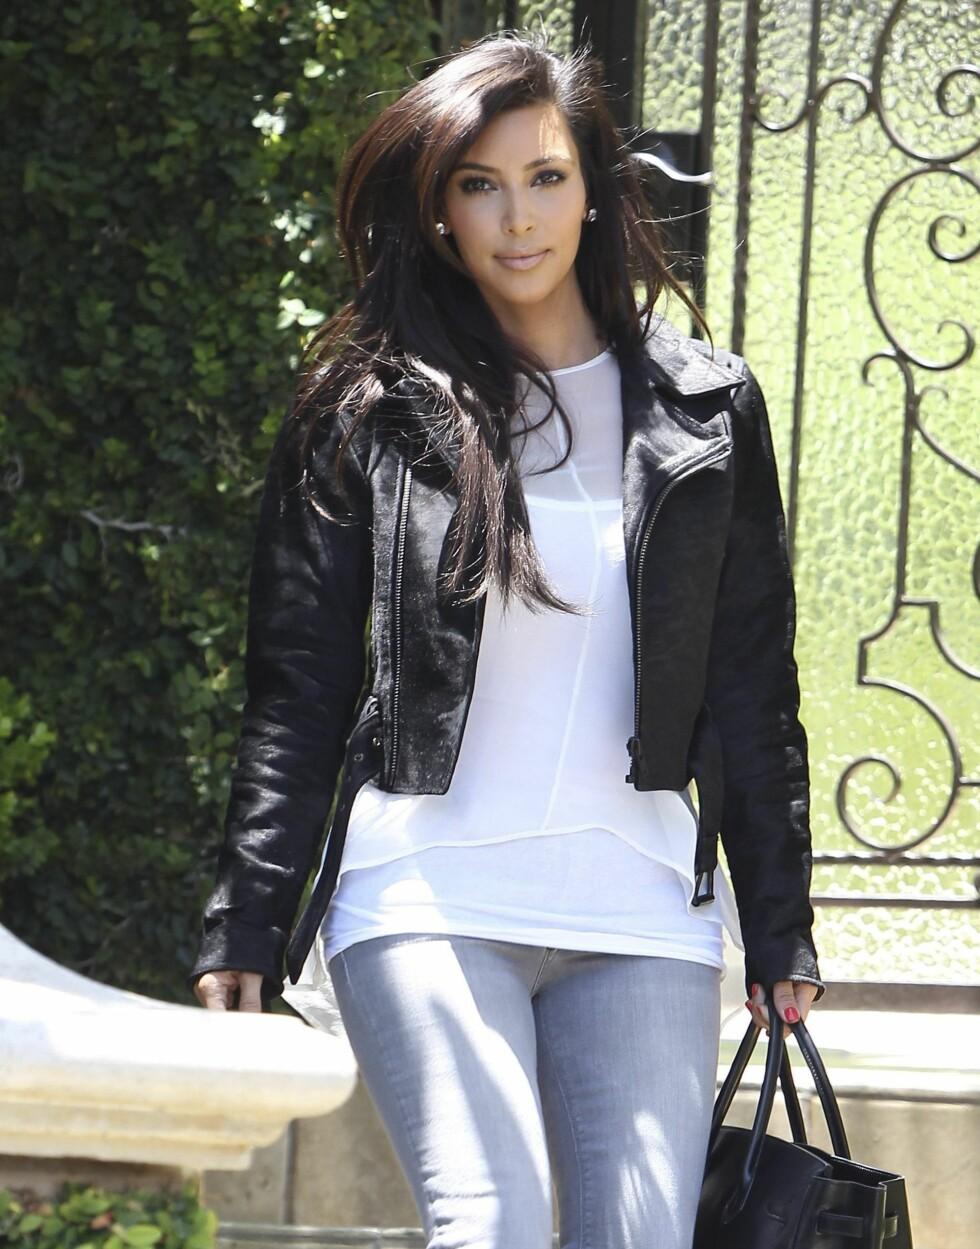 Kim Kardashian, som vi ofte ser i ettersittende kjoler og glamorøse plagg, elsker også den mer hverdagslige bikerjakka. Foto: All Over Press